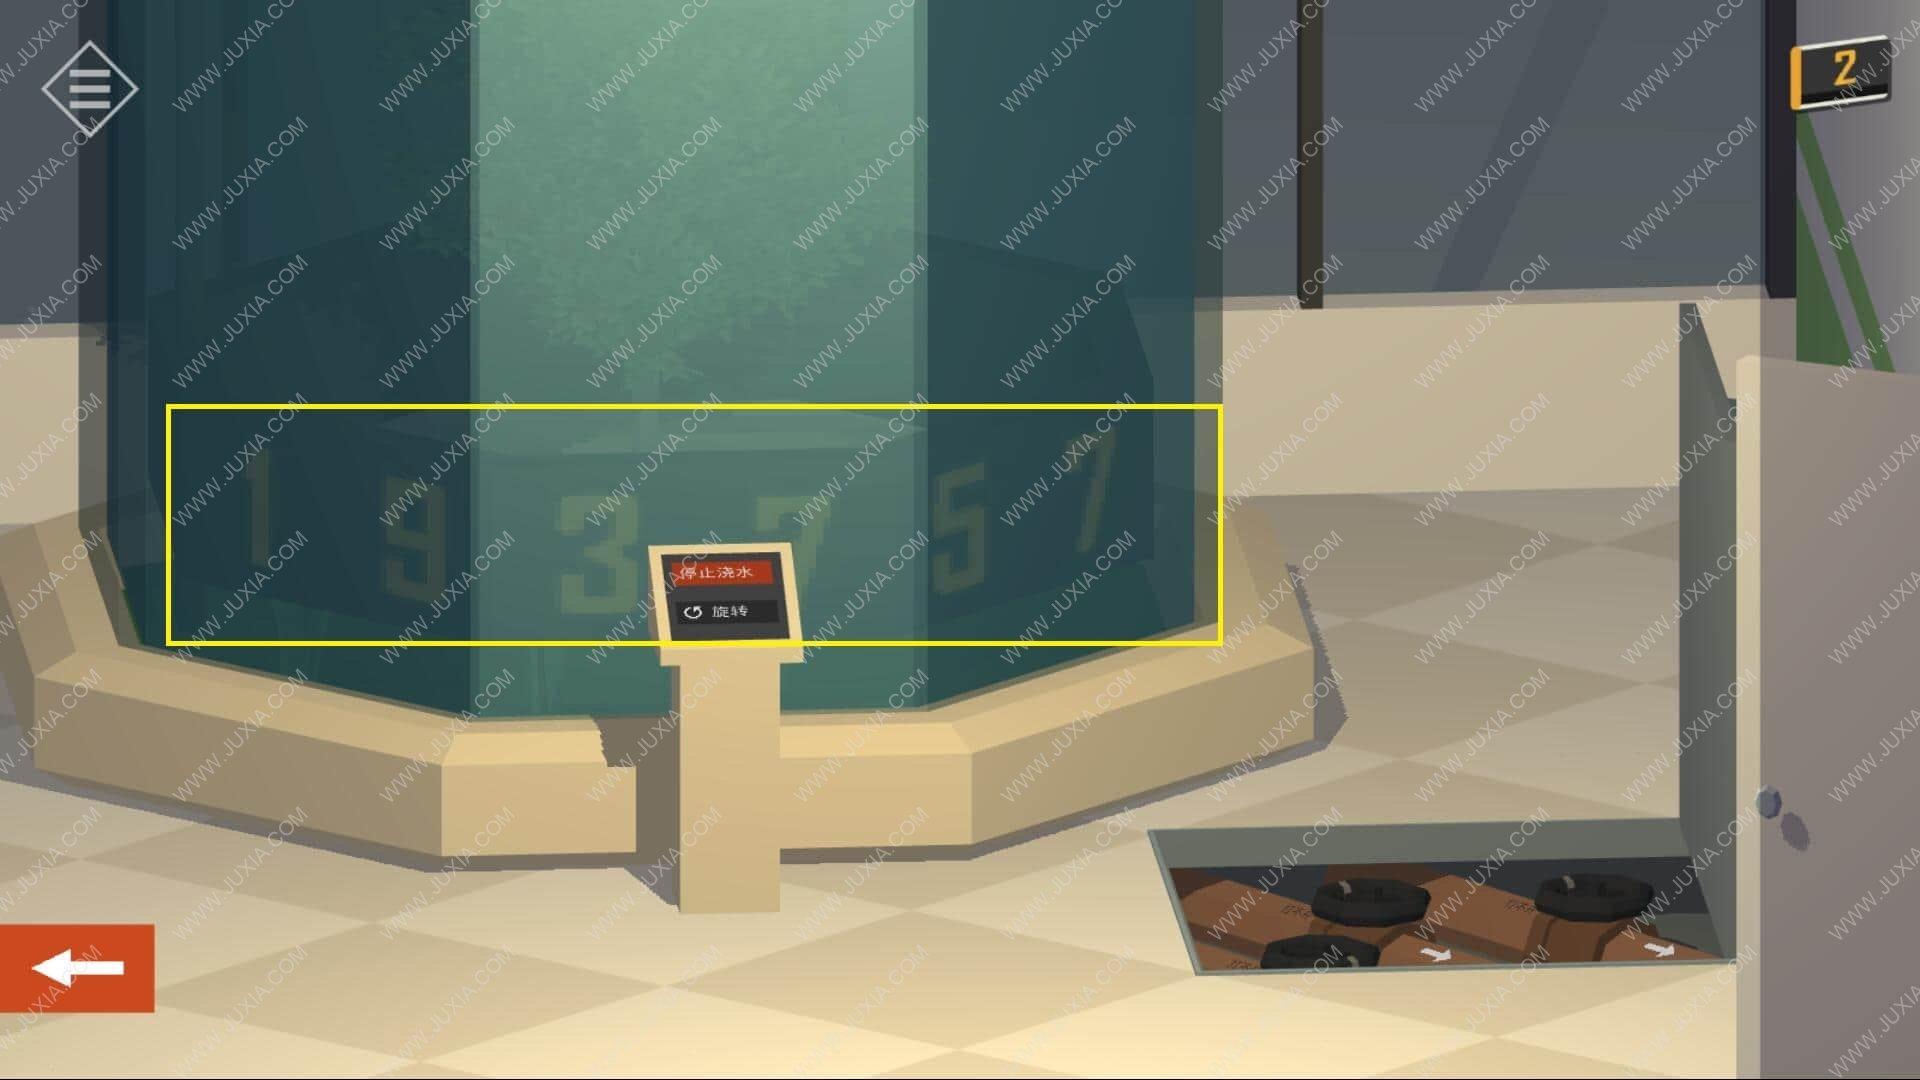 小房间故事第八章图文攻略 TinyRoom第二季攻略第八章1